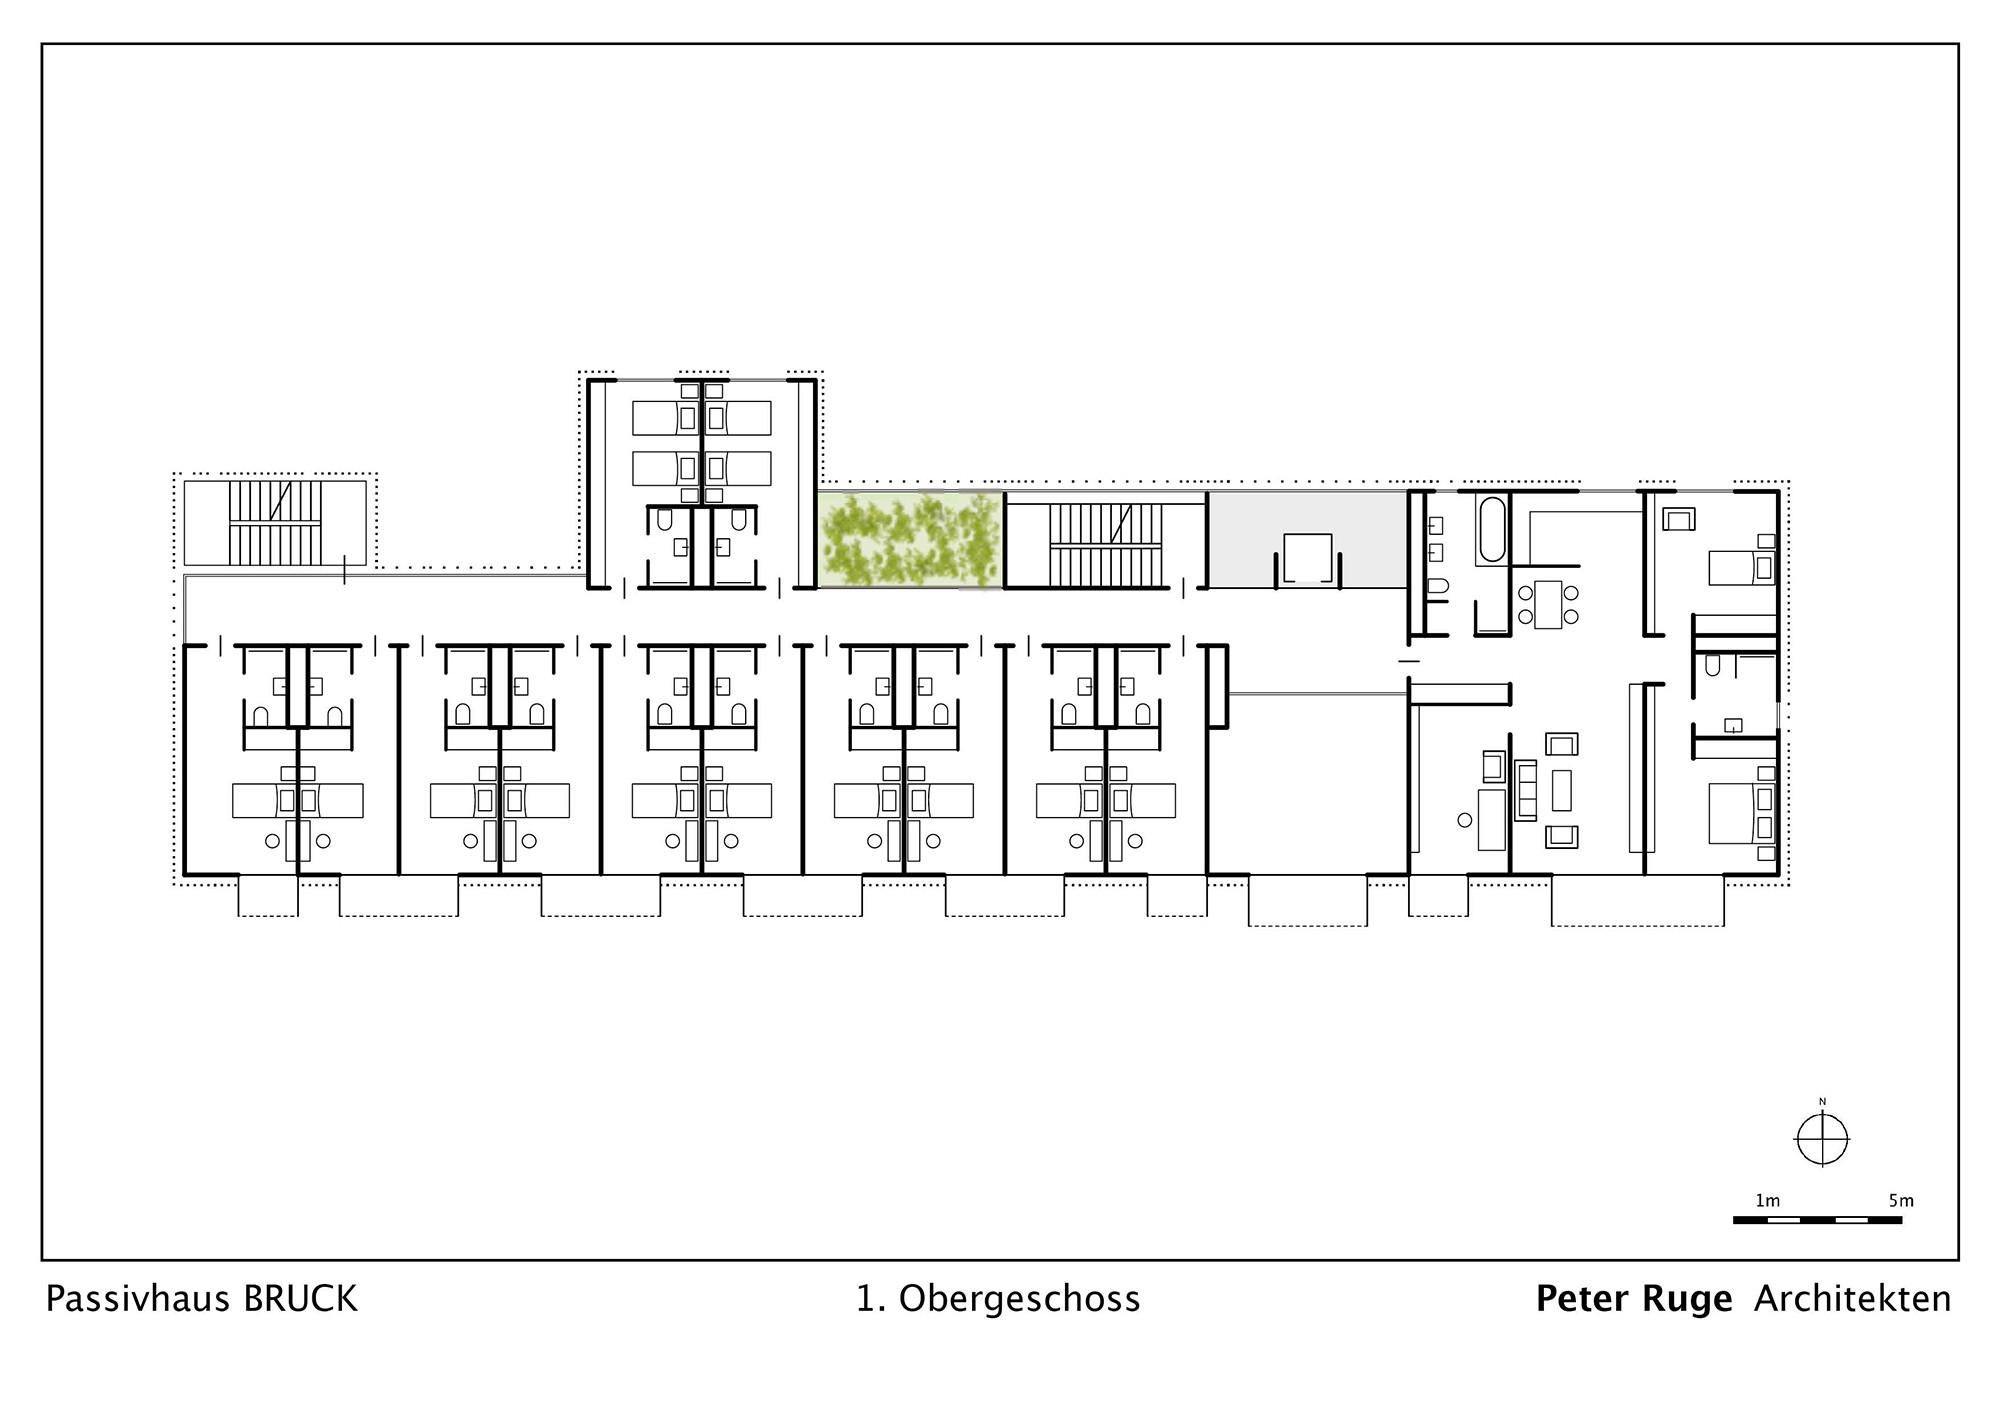 passivhaus bruck in changxing geb udetechnik wohnen baunetz wissen. Black Bedroom Furniture Sets. Home Design Ideas